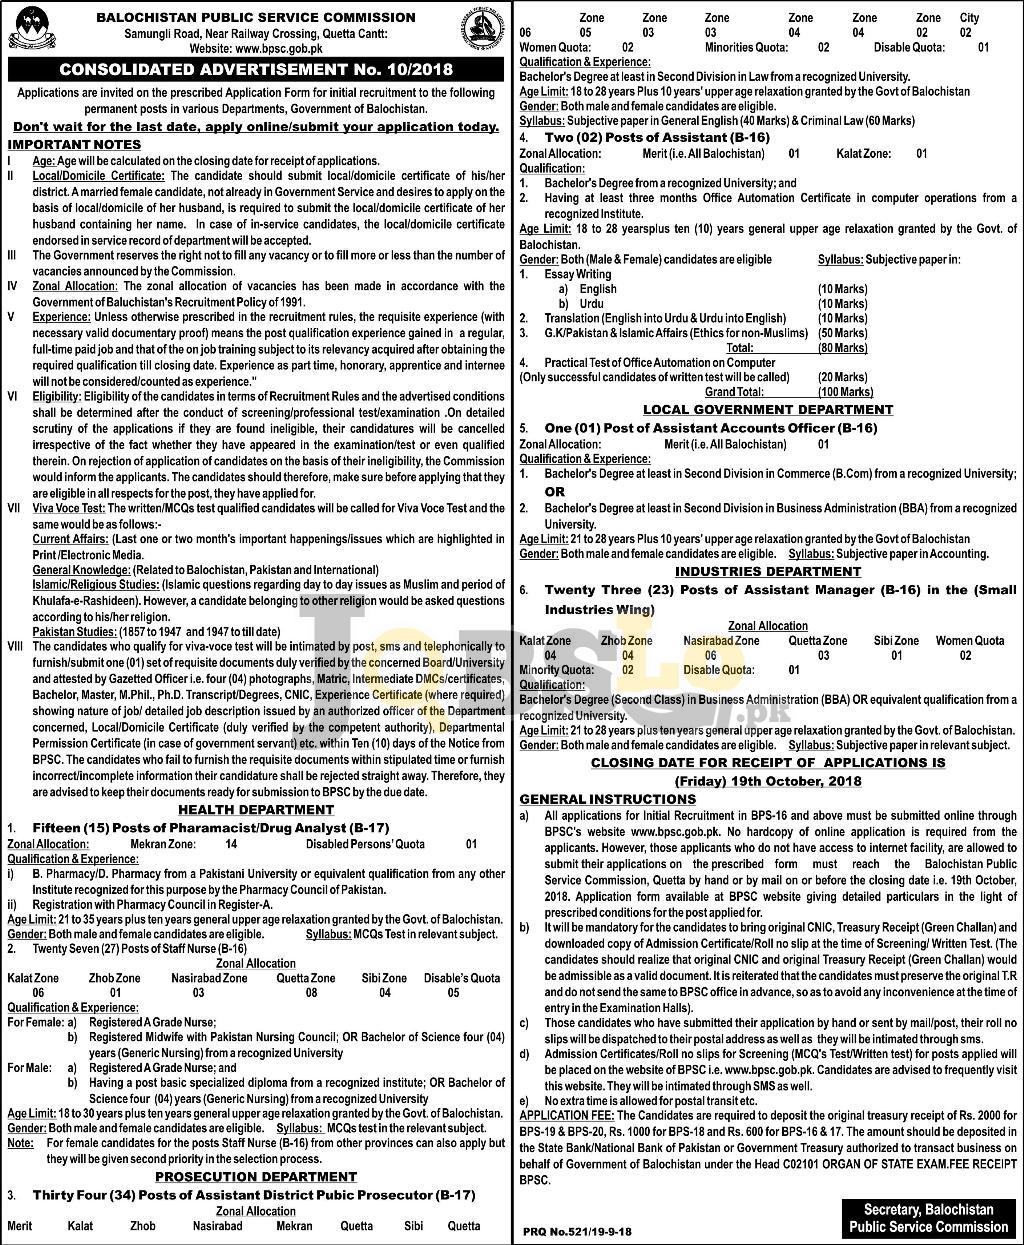 BPSC Jobs Advertisement 10/2018 Apply Online For 75+ Vacancies